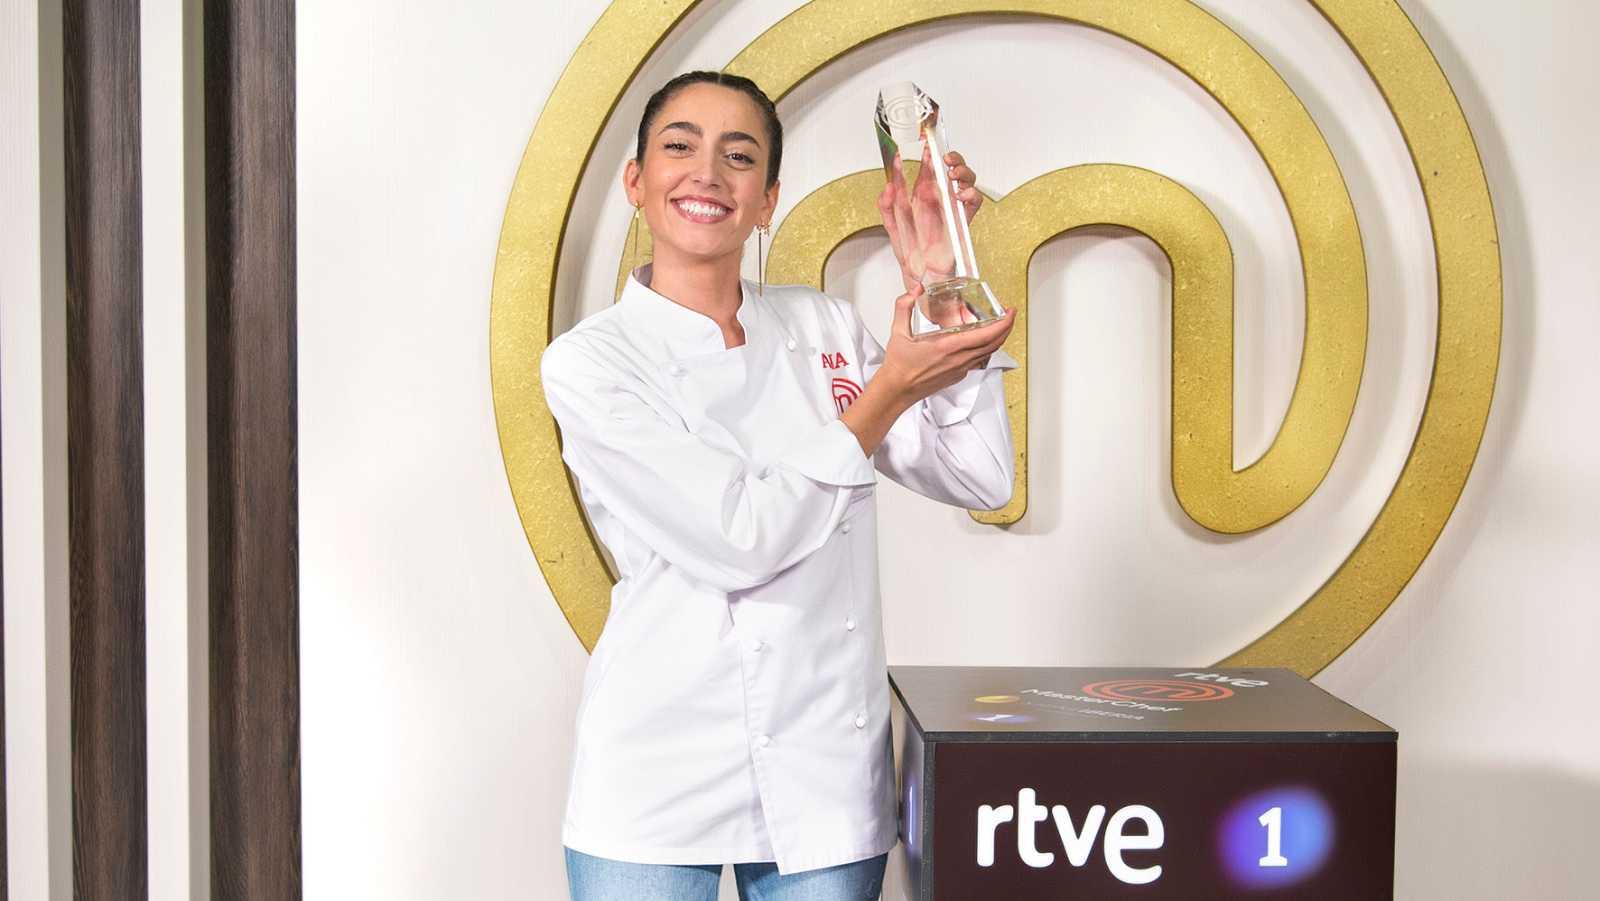 Ana, ganadora de MasterChef, con el trofeo